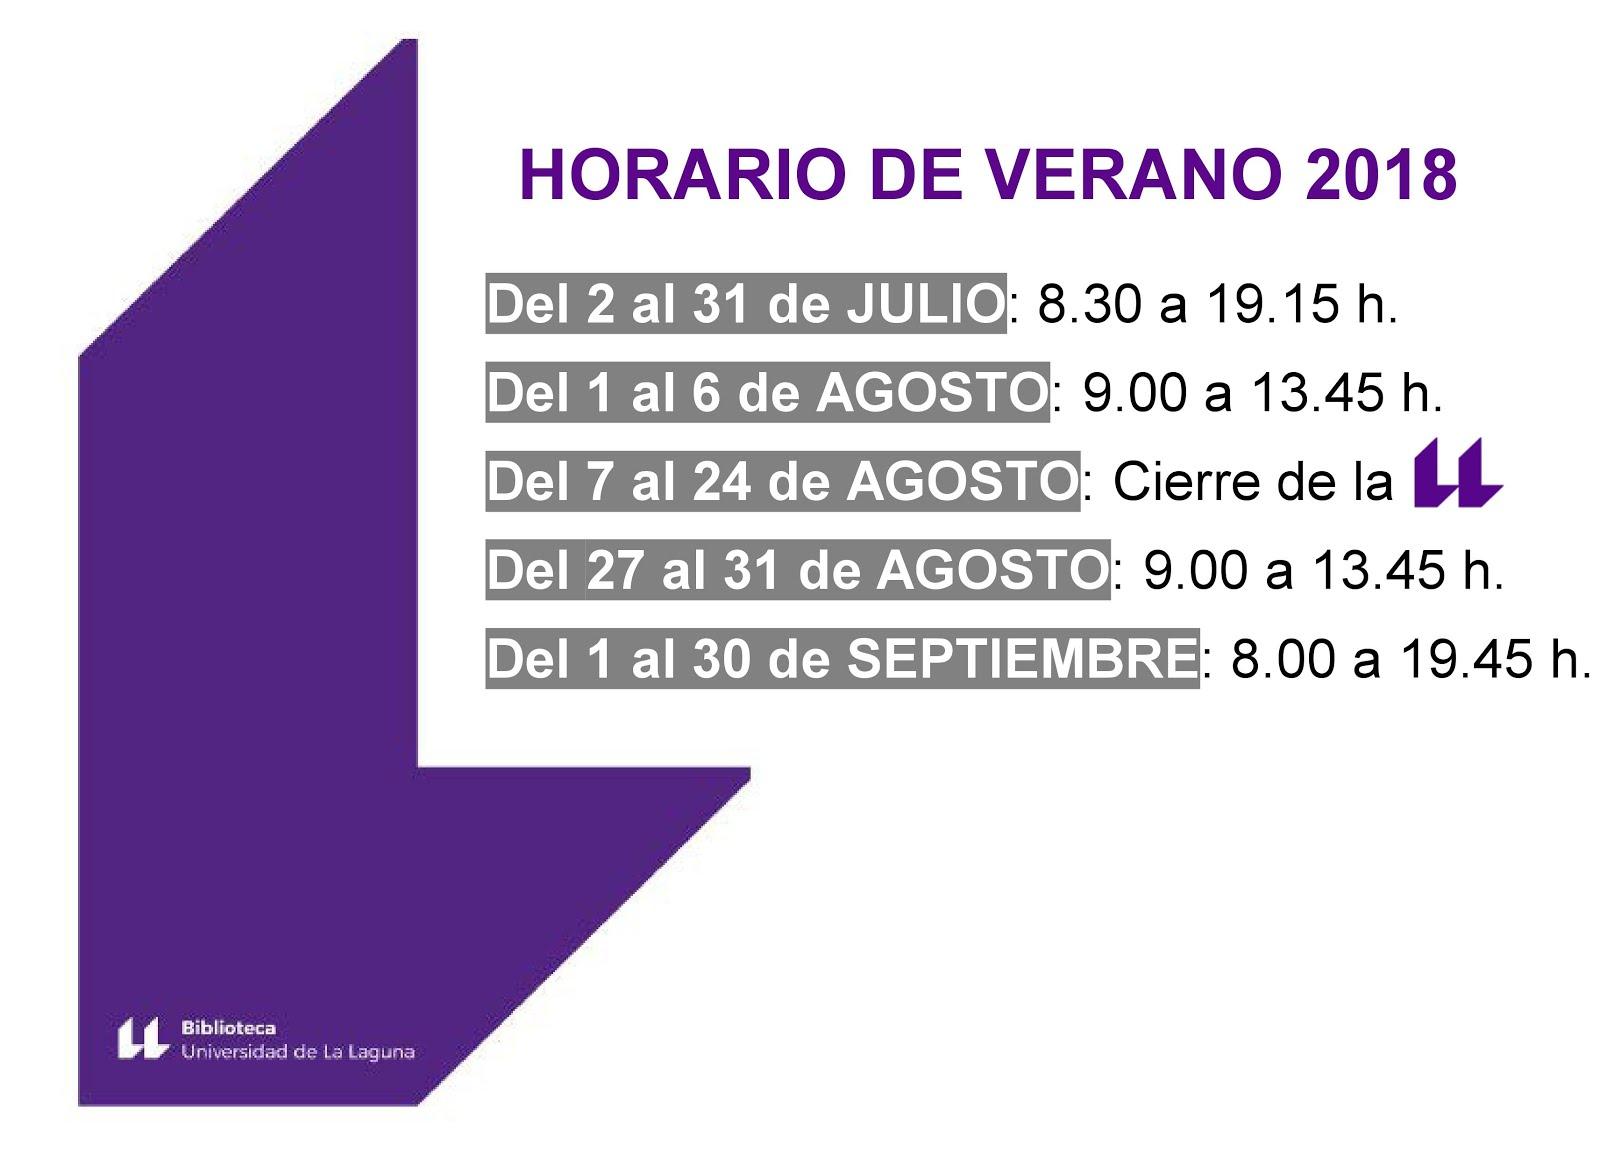 HORARIO DE VERANO